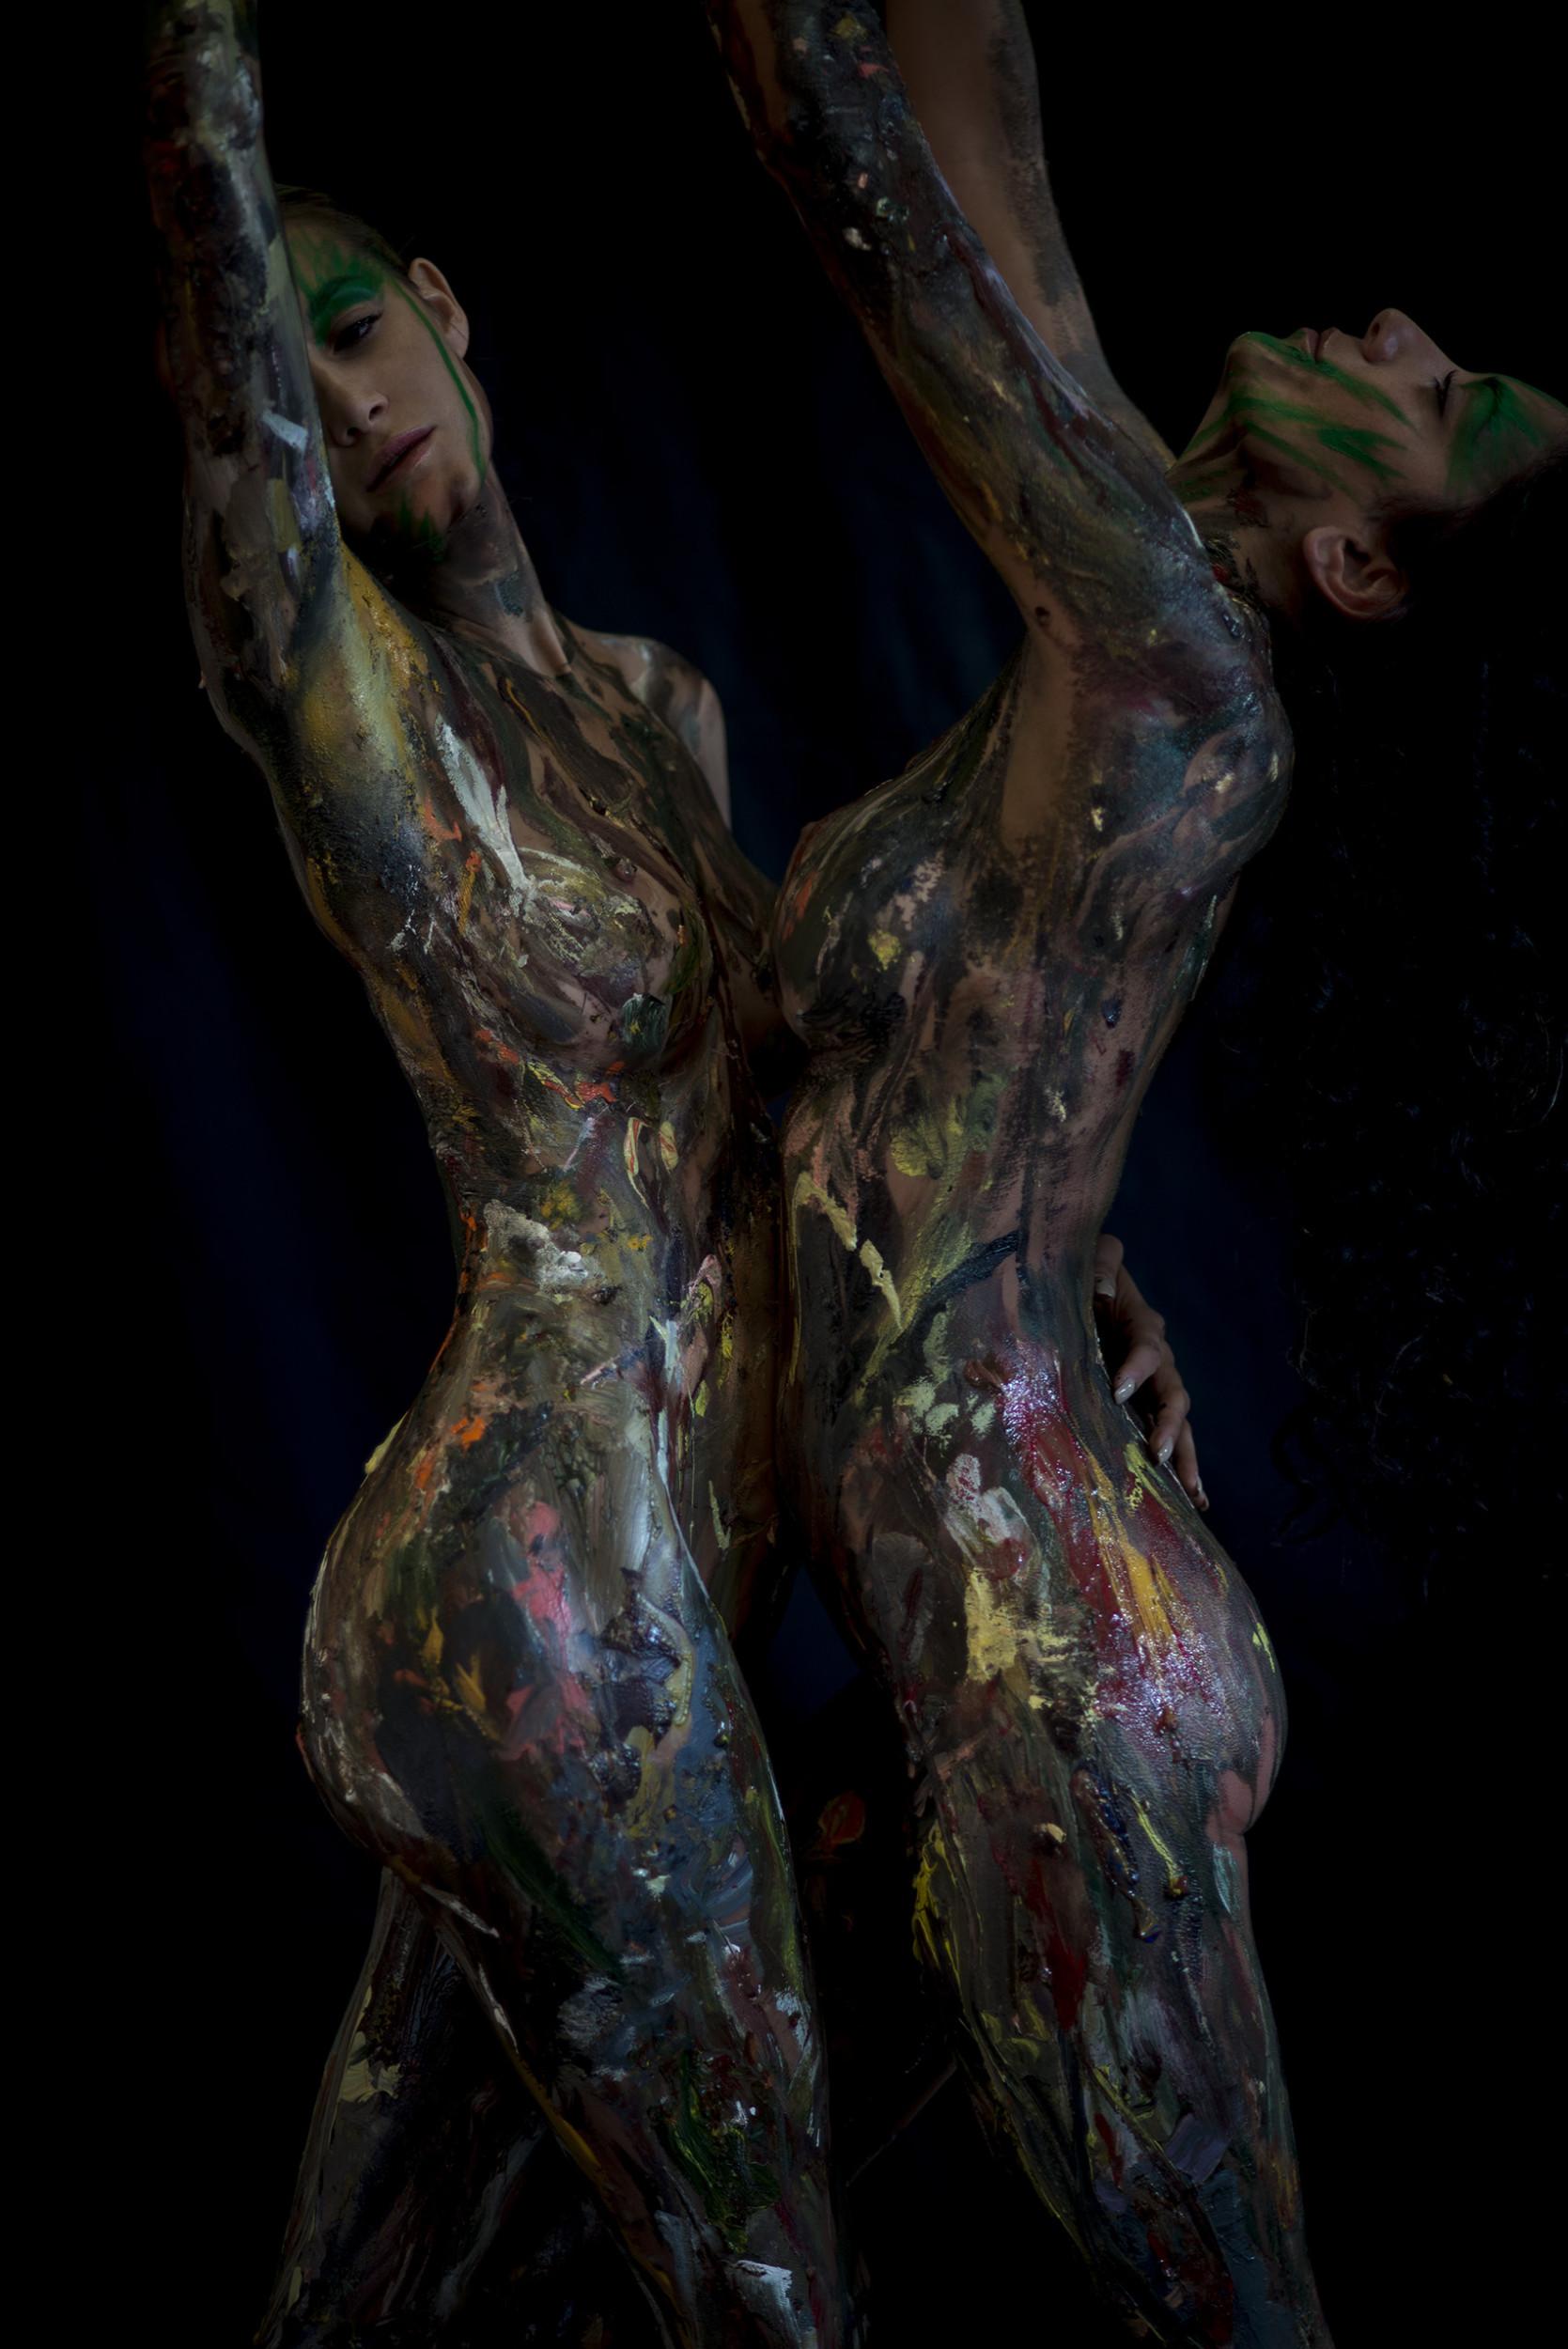 Patrice Aaftlink & Kees Ter Brugge 01 - Leonhard's Gallery